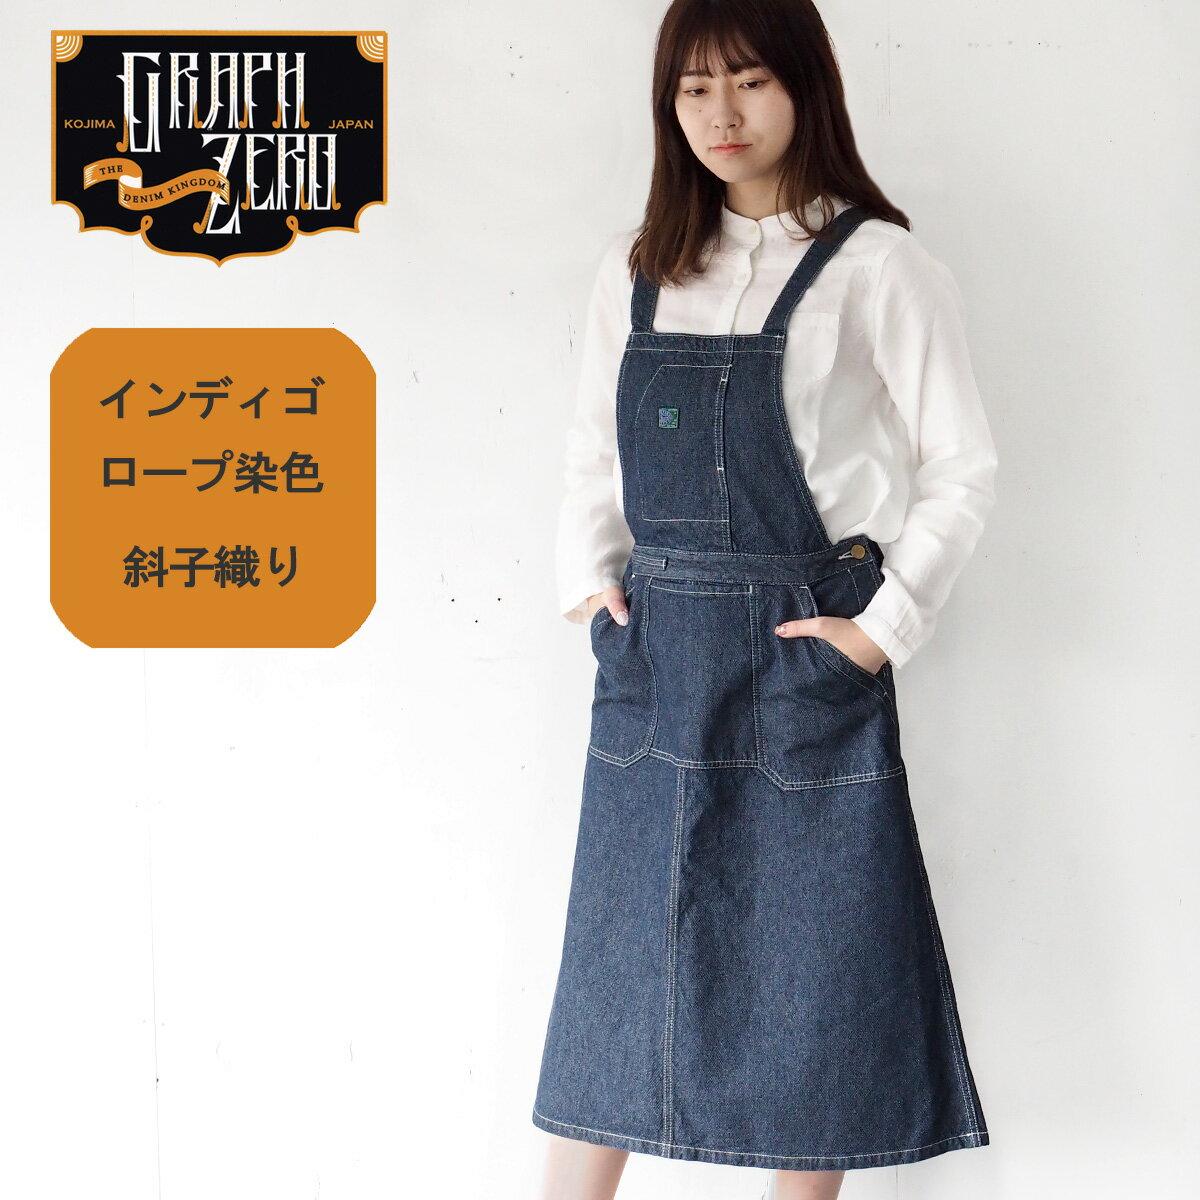 レディースファッション, ワンピース graphzero GZ-LA-APOP-0111 100 100 S M